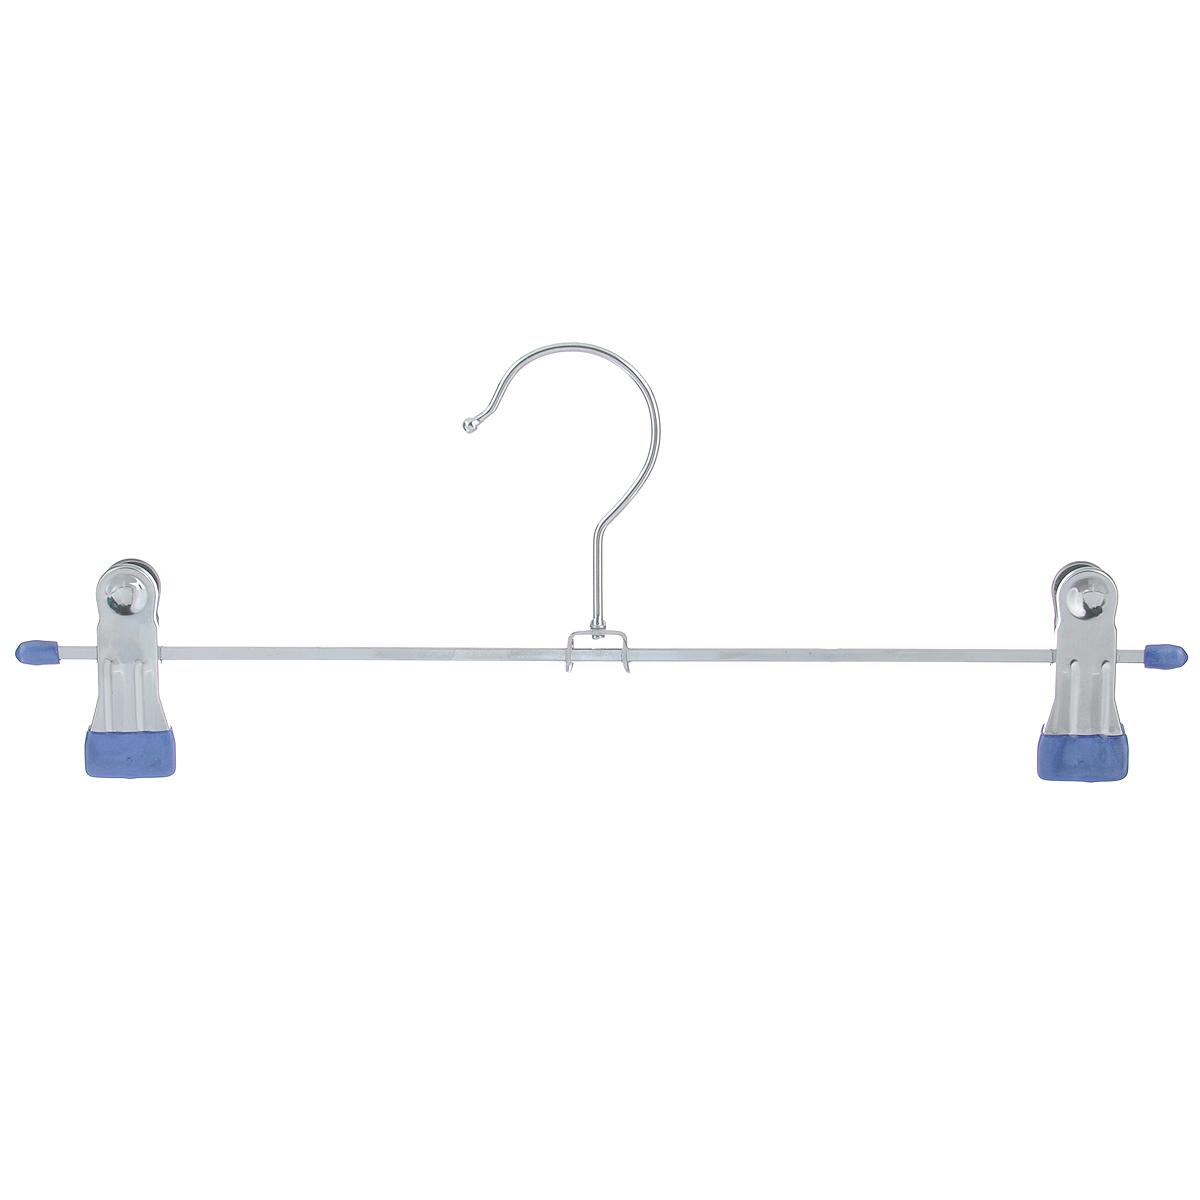 Вешалка для брюк Luminello, с зажимами, цвет: синий, длина 30 смWHM-09/S синийВешалка для брюк Luminello изготовлена из высококачественного металла. Зажимы имеют резиновое покрытие, что исключает случайное соскальзывание одежды. Оптимальная длина позволяет поместить данную вешалку в любом шкафу. Вешалка для брюк Luminello  станет практичным и полезным аксессуаром в вашем гардеробе.